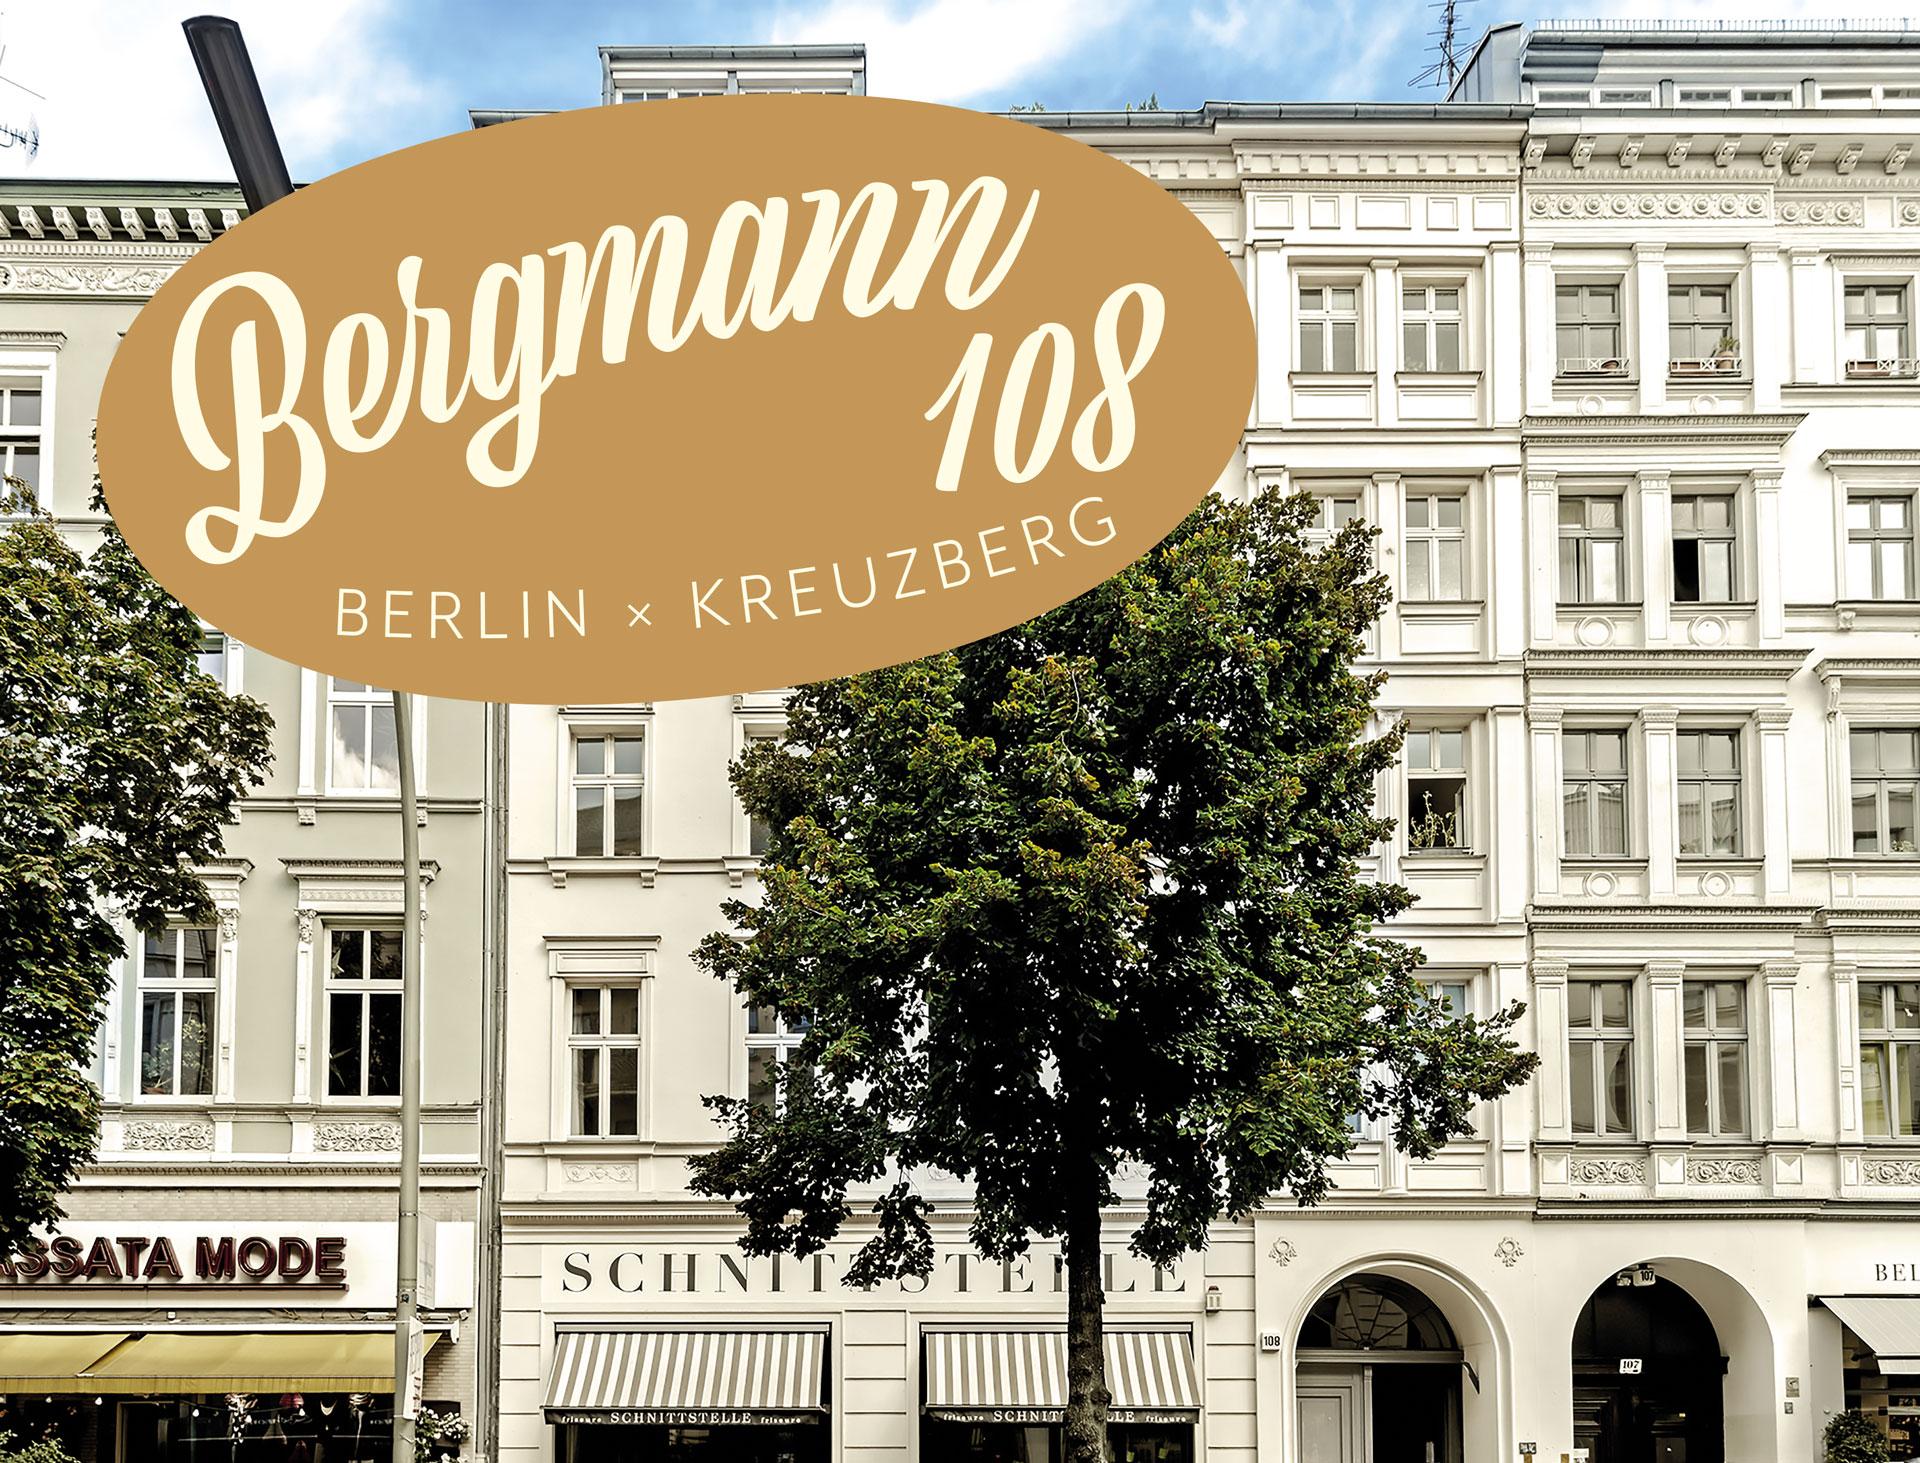 Bergmannstrasse-108-teaser